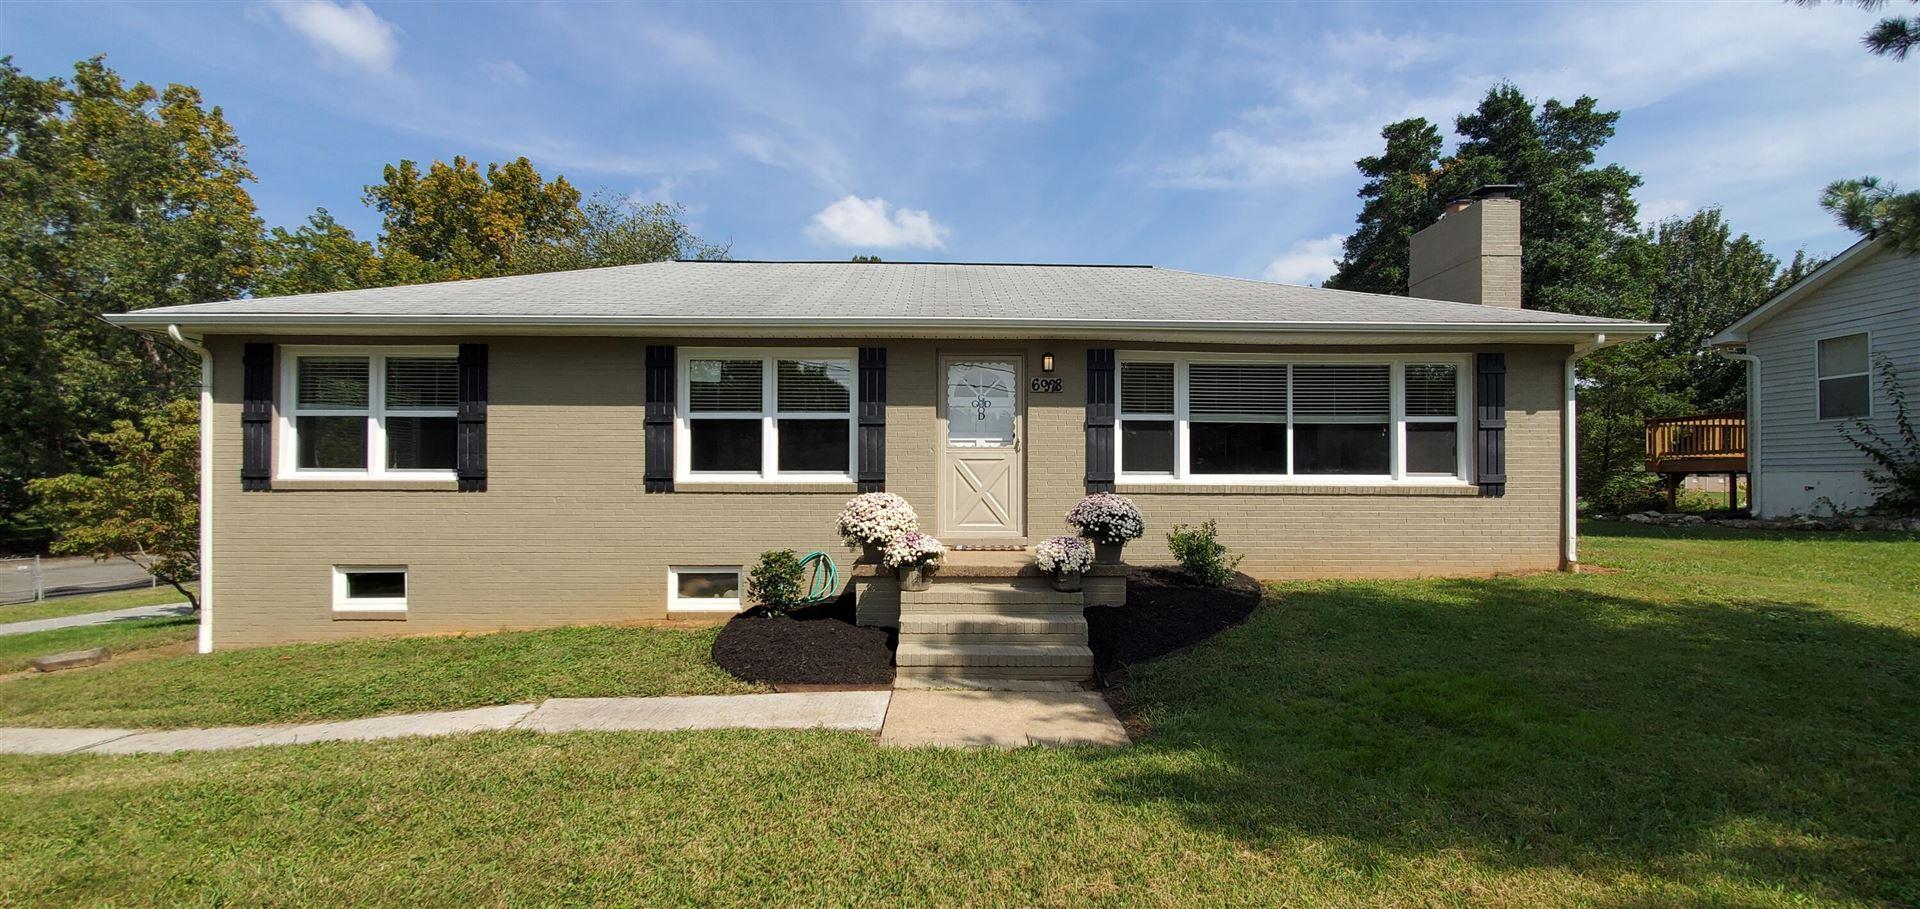 Photo of 6928 Mackin Lane, Knoxville, TN 37931 (MLS # 1166529)